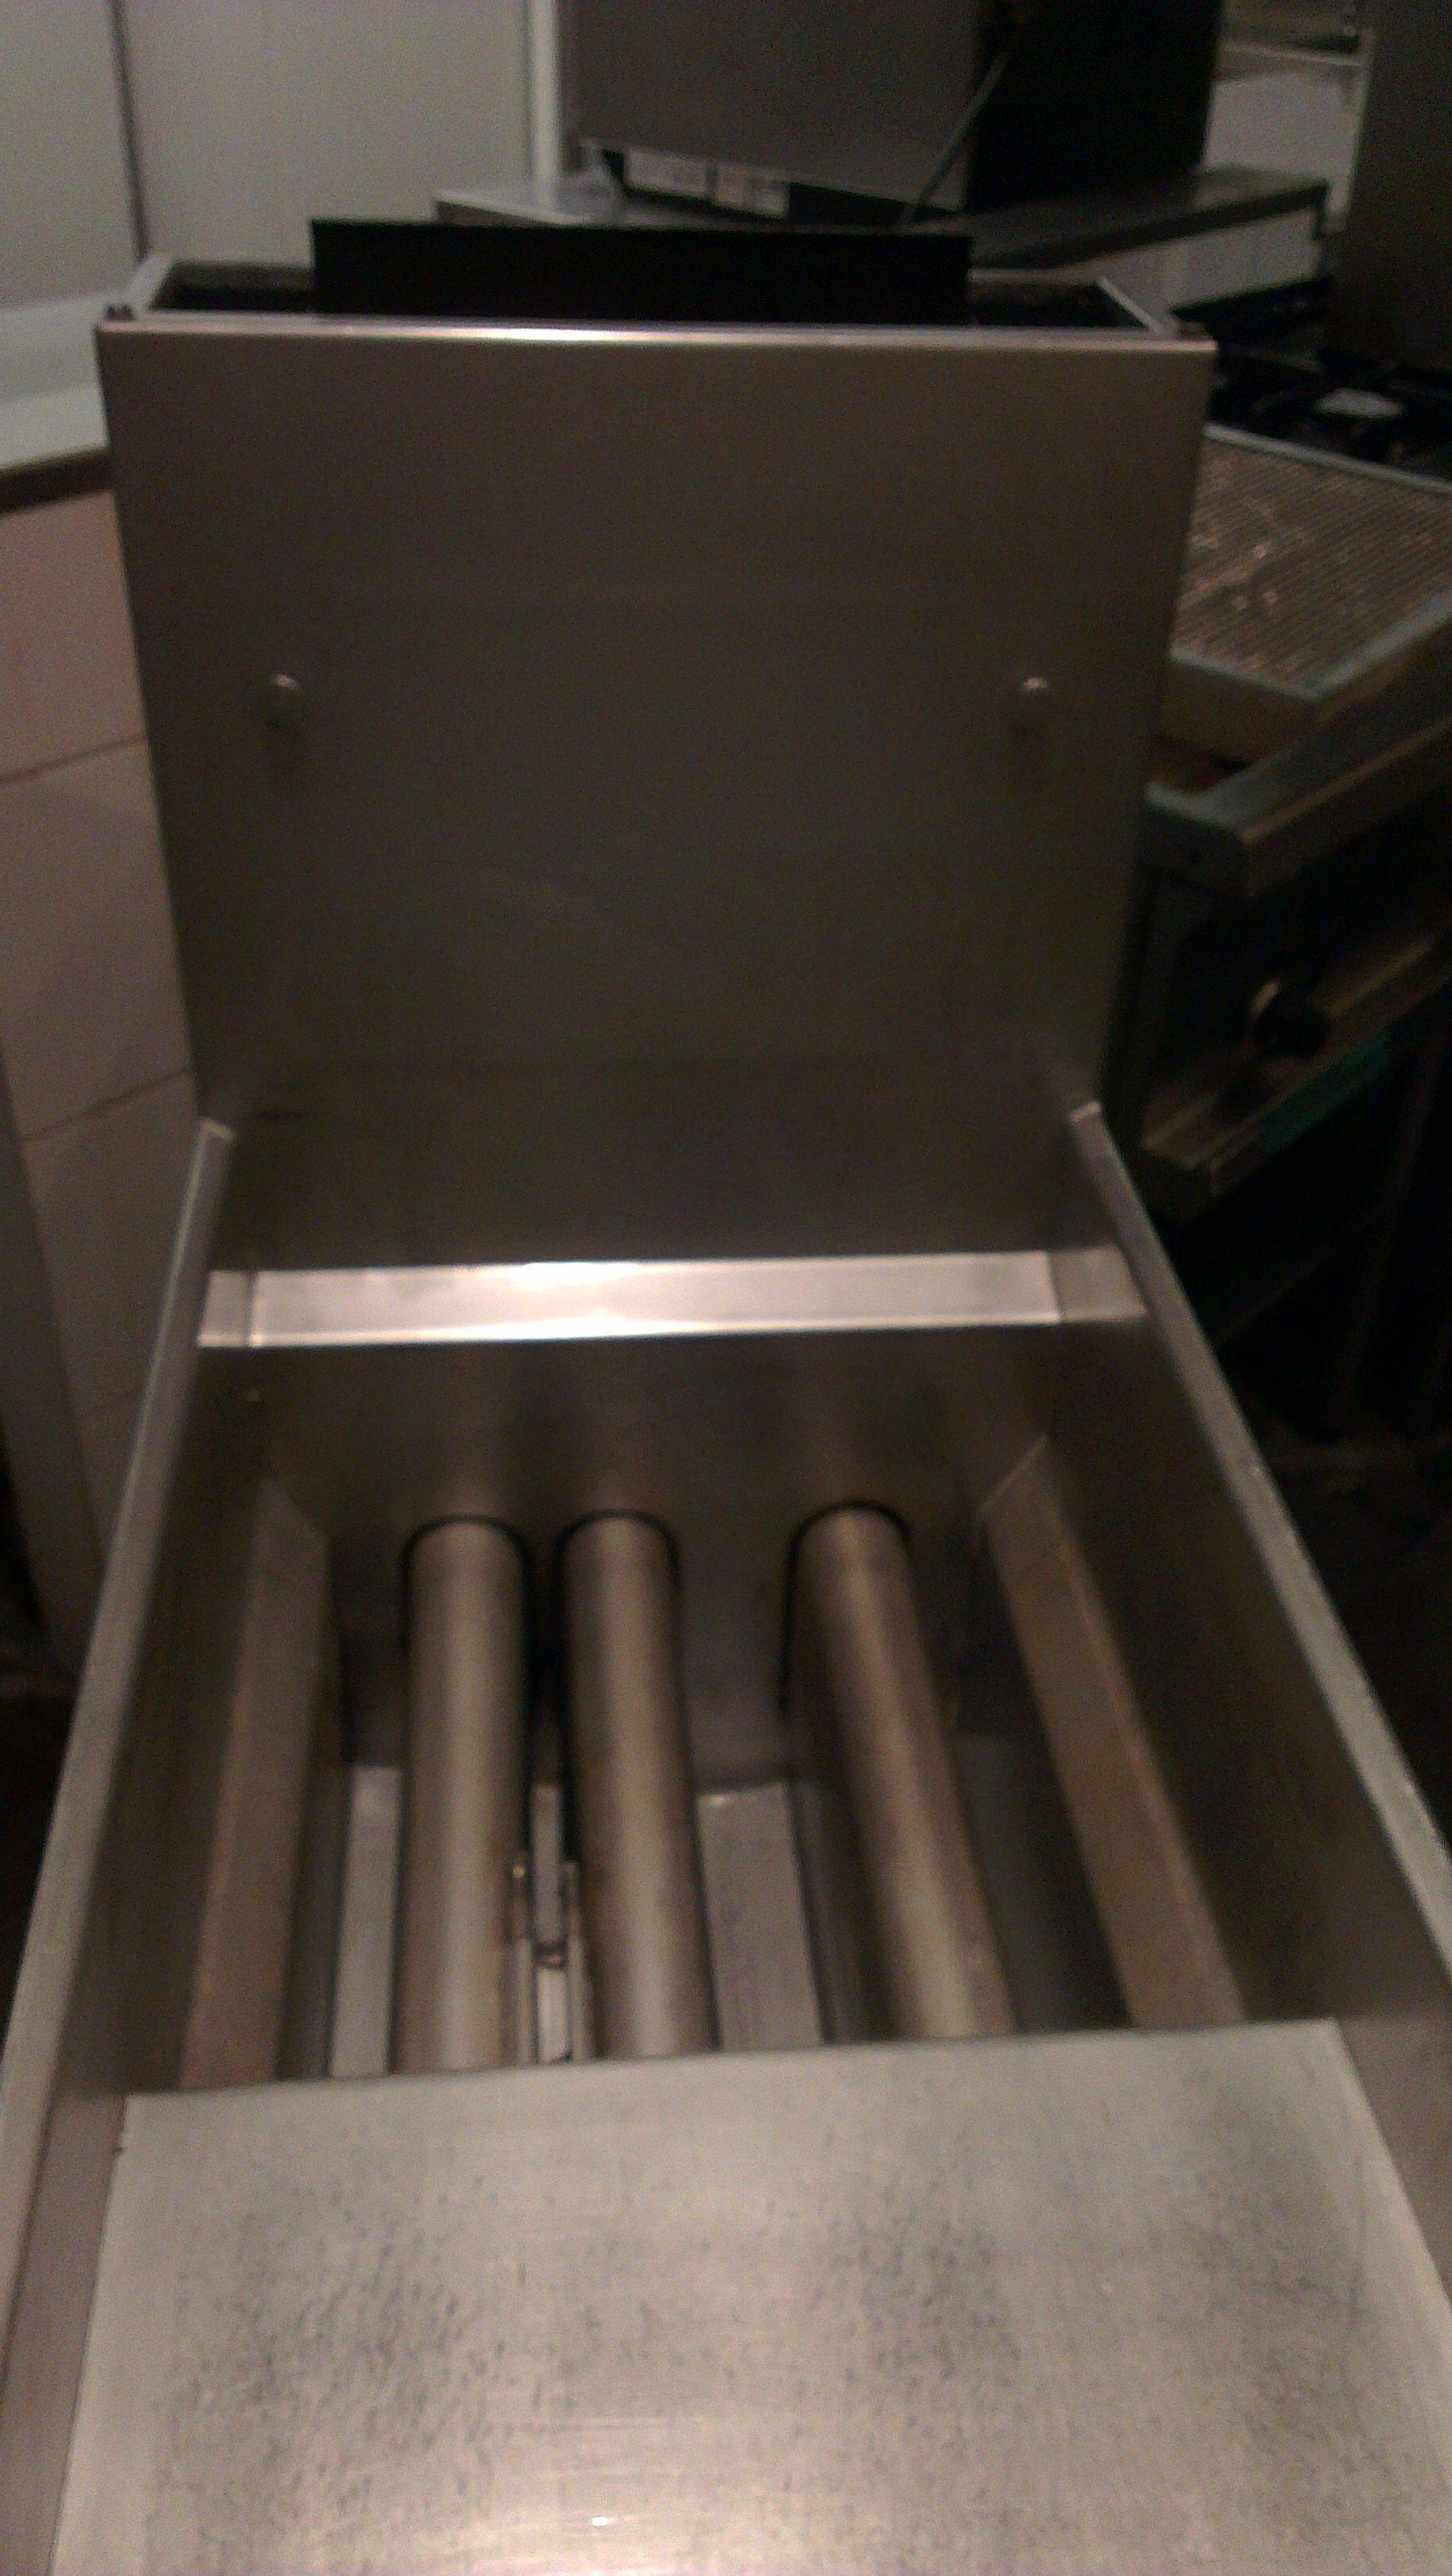 Kitchen Equipment after